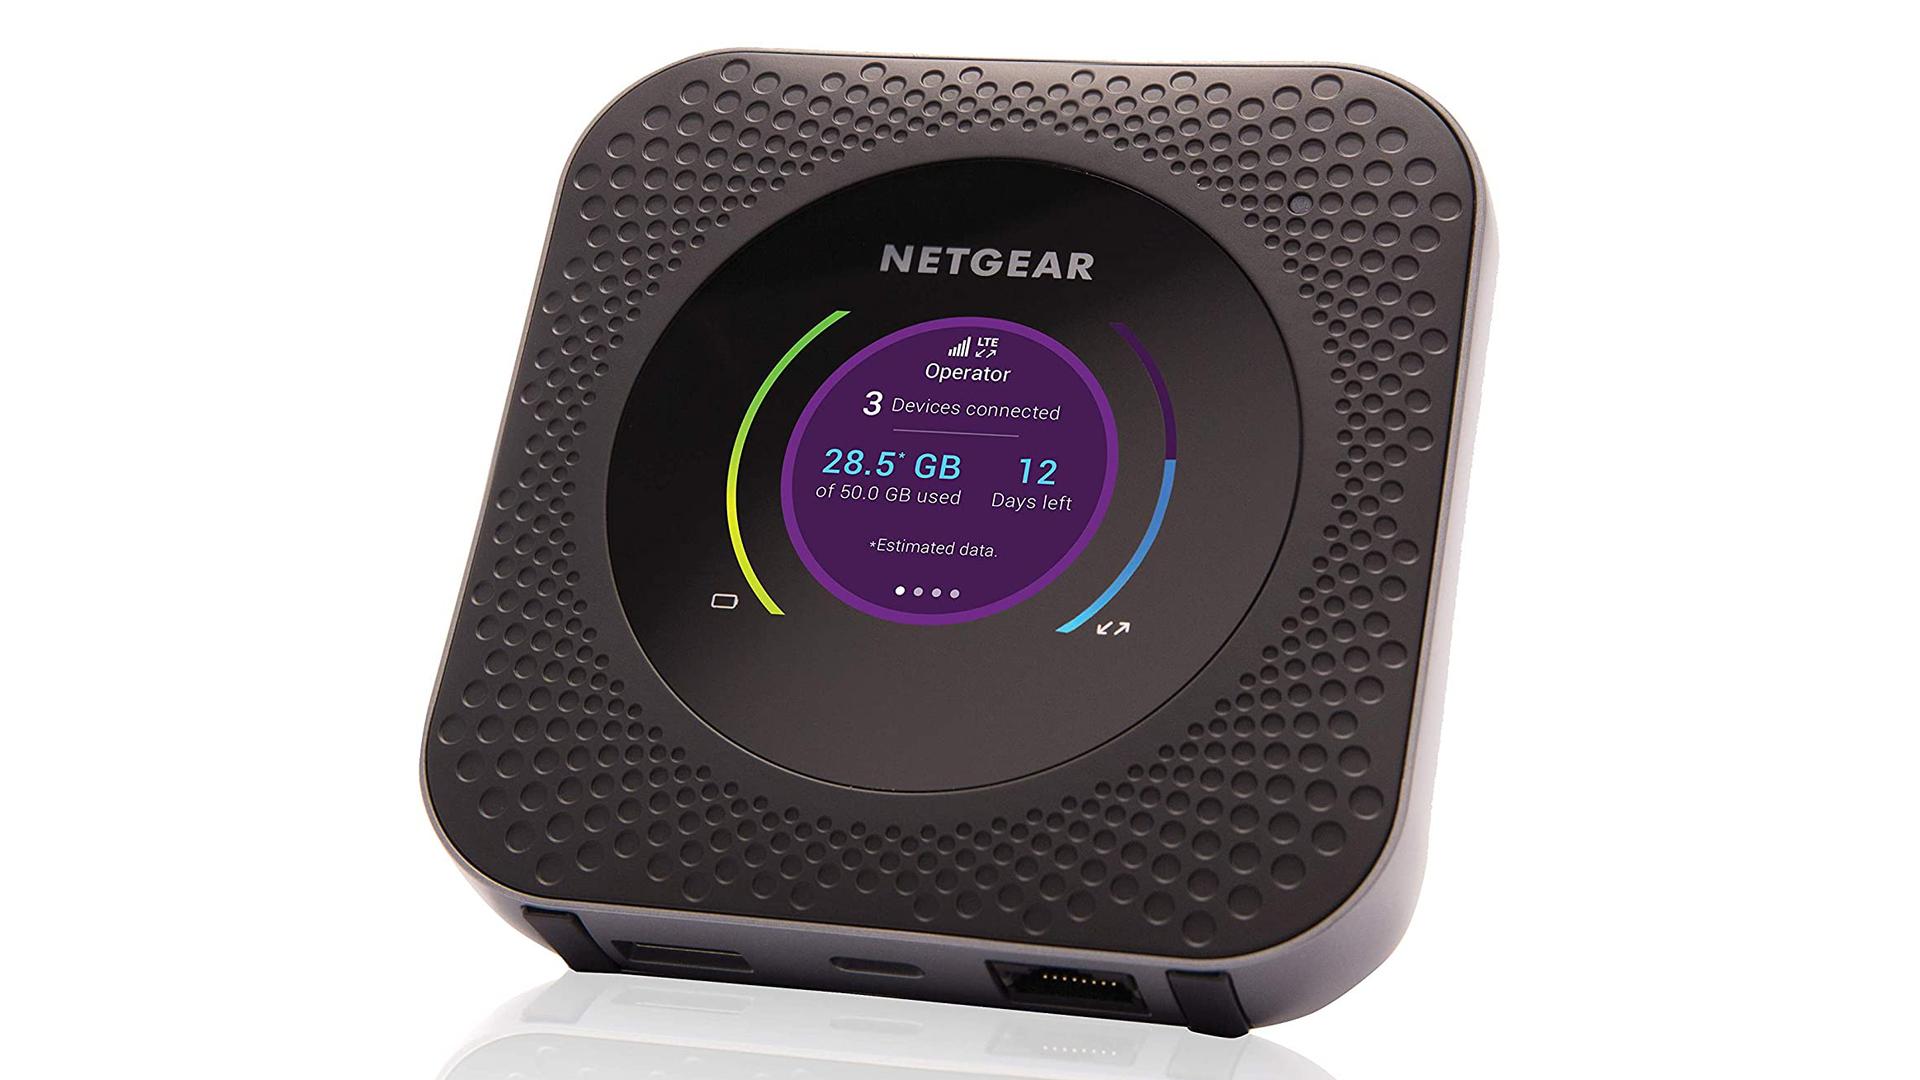 Netgear Nighthawk MR1100 hotspot router